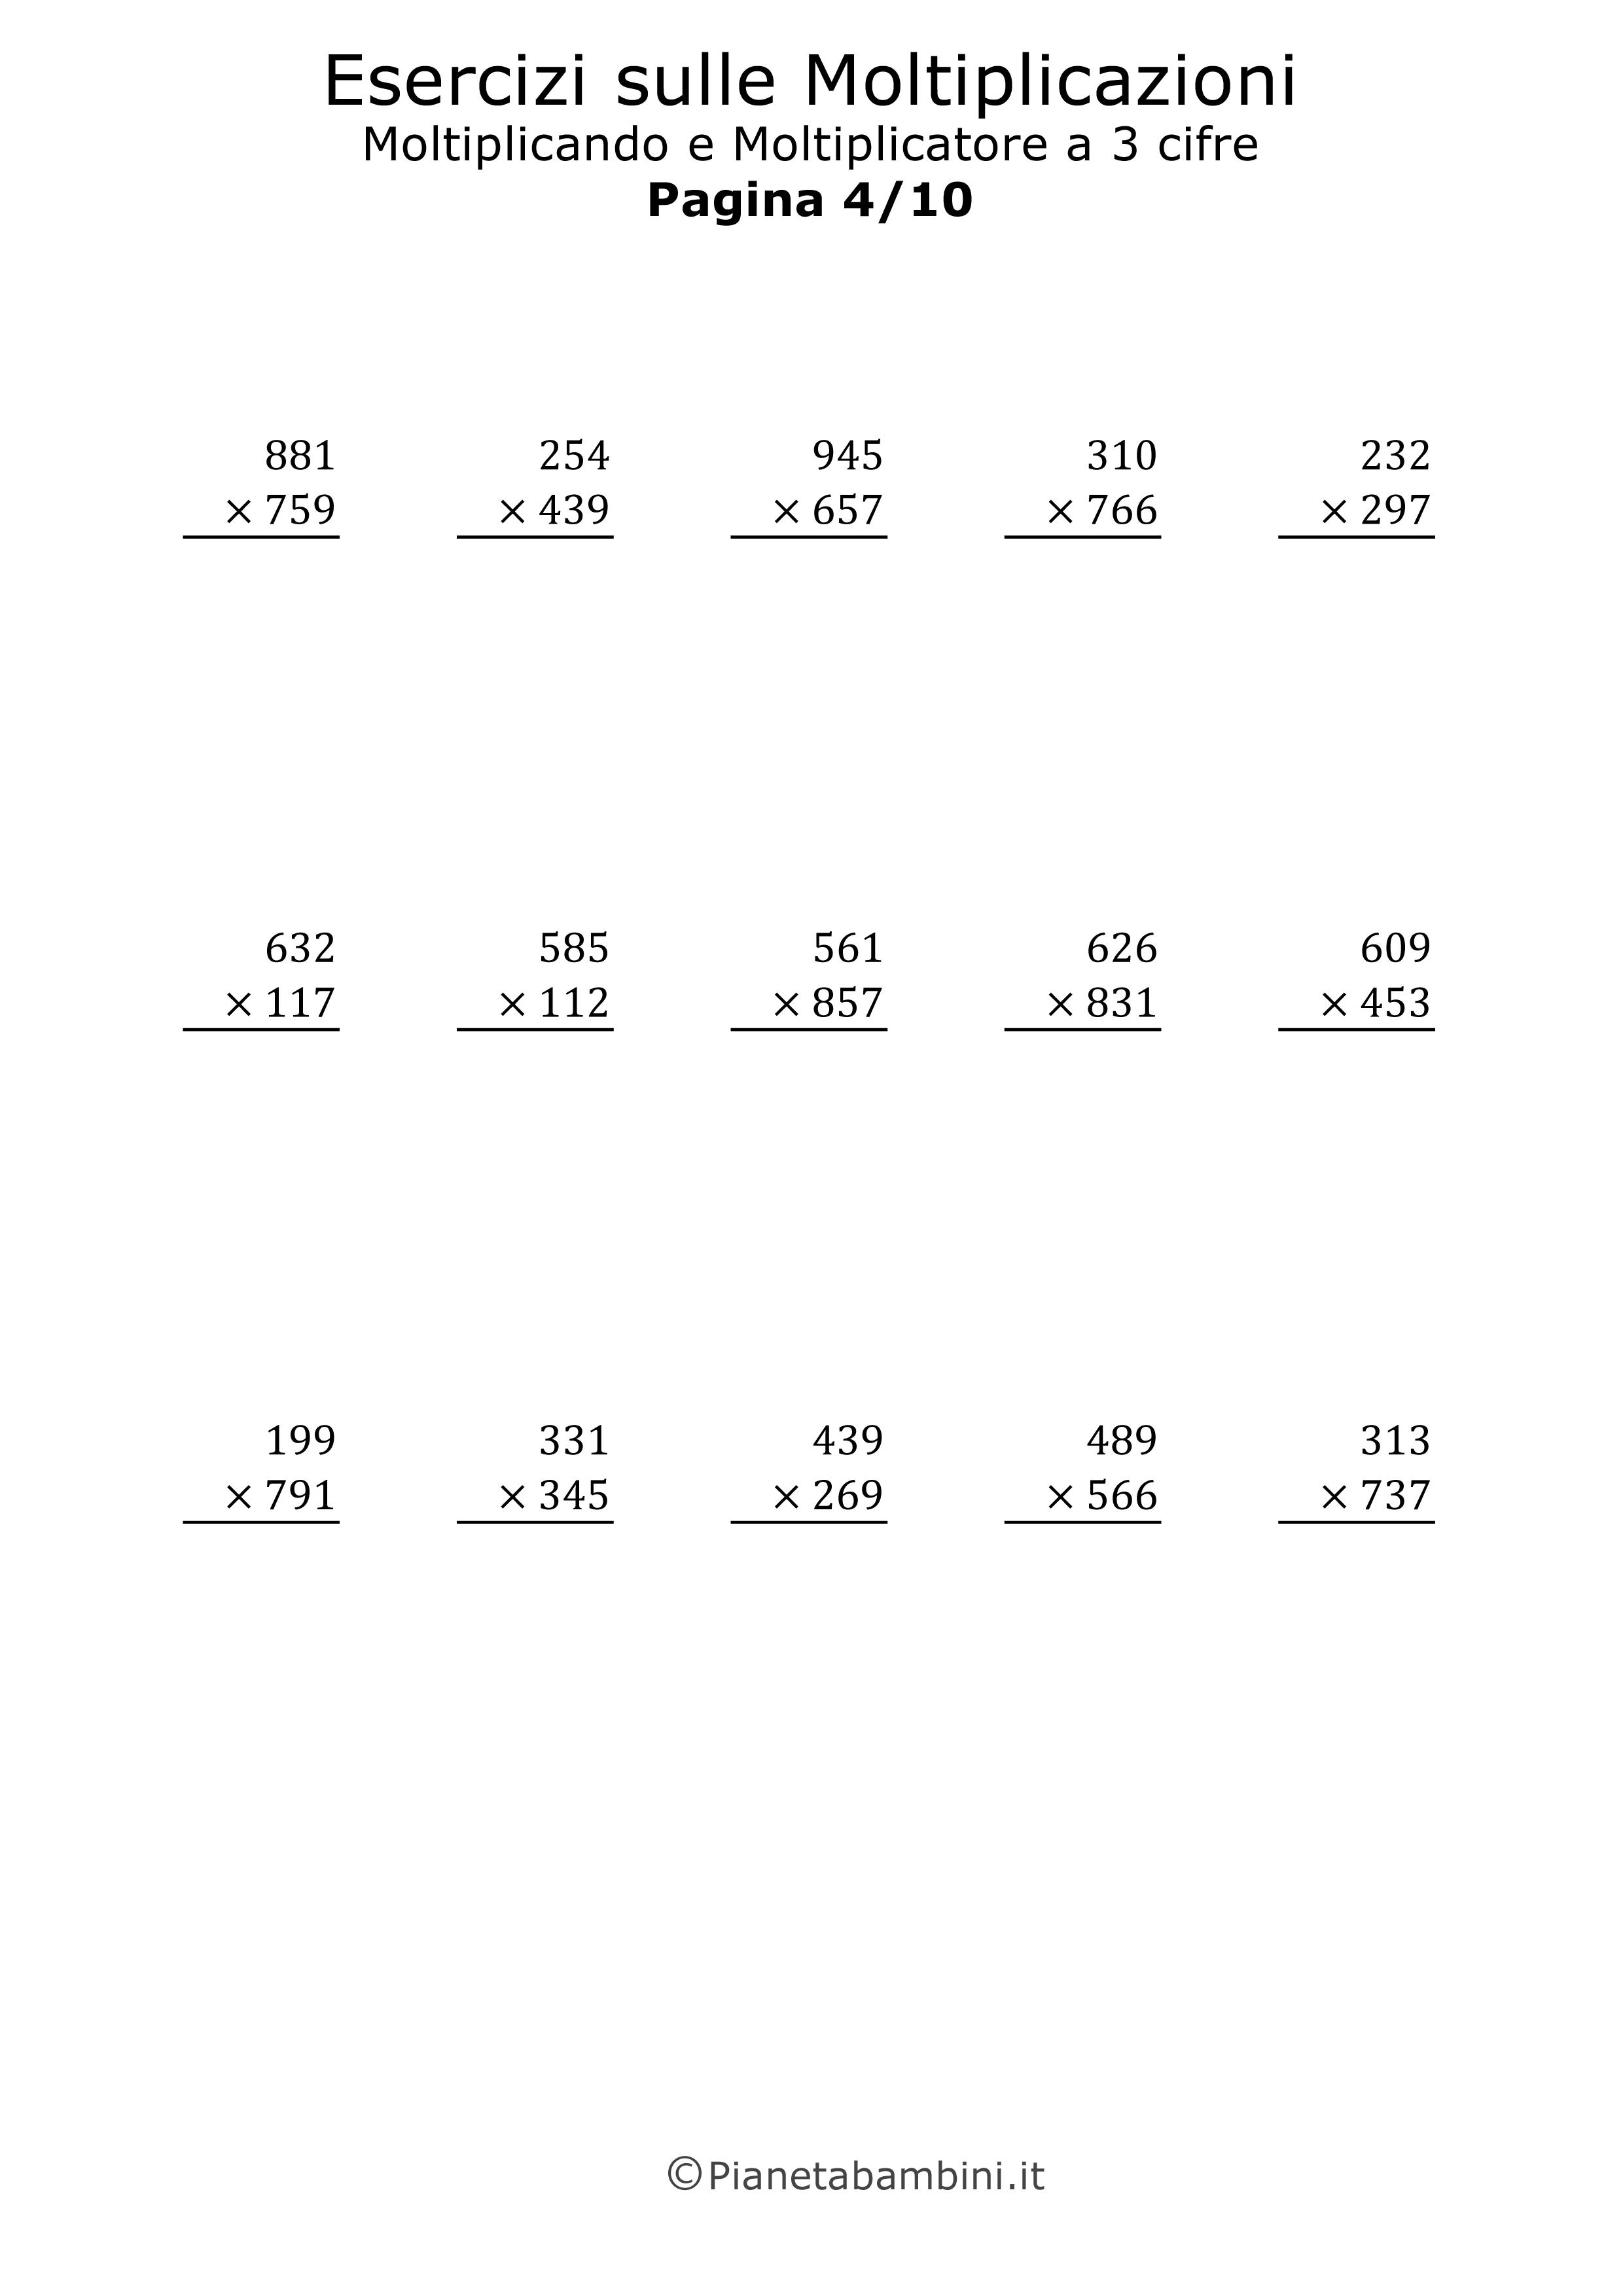 Esercizi-Moltiplicazioni-3-Cifre_04